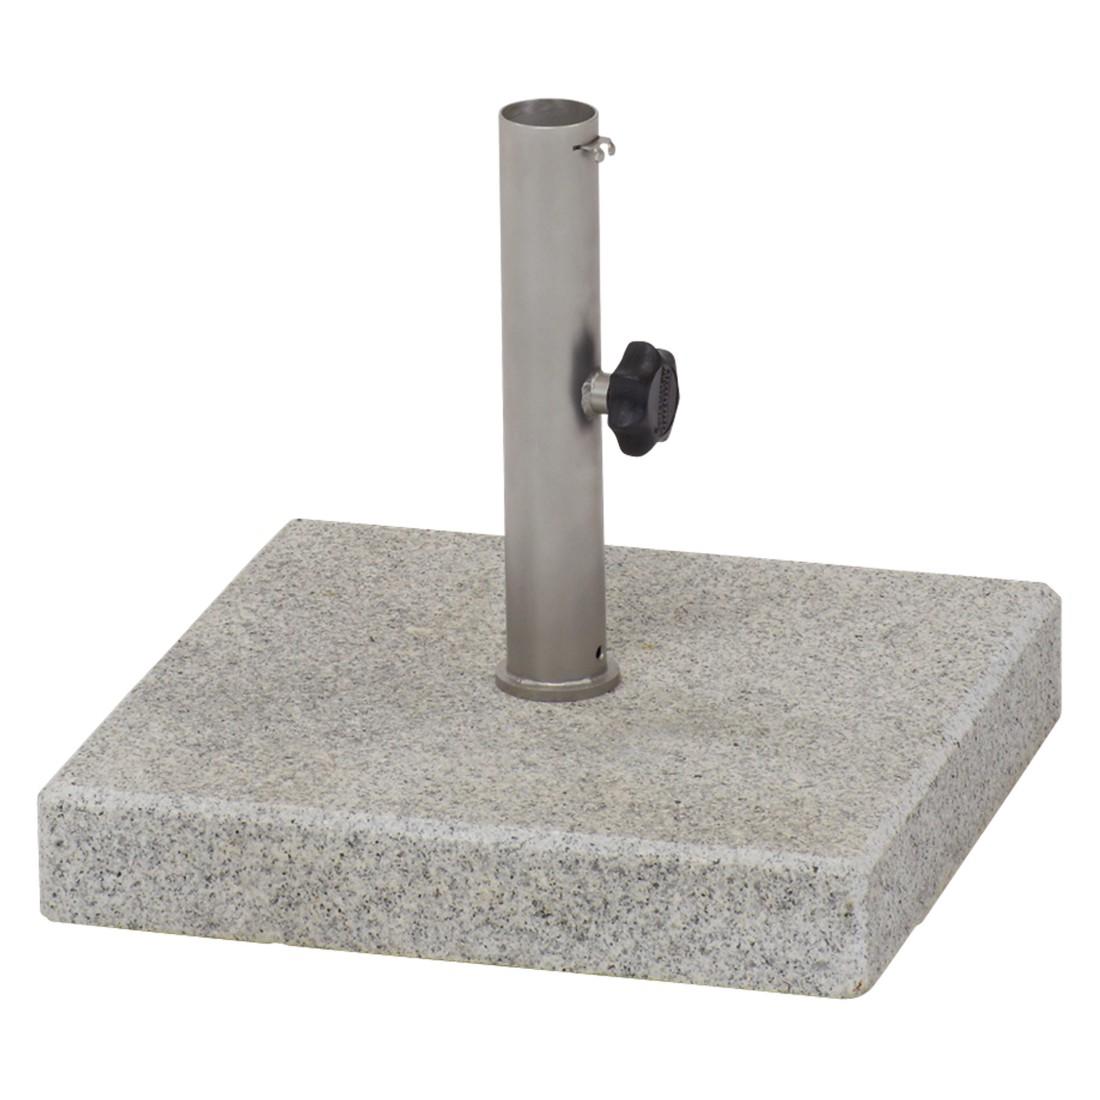 schirmst nder granit granit grau weish upl werkst tten g nstig bestellen. Black Bedroom Furniture Sets. Home Design Ideas